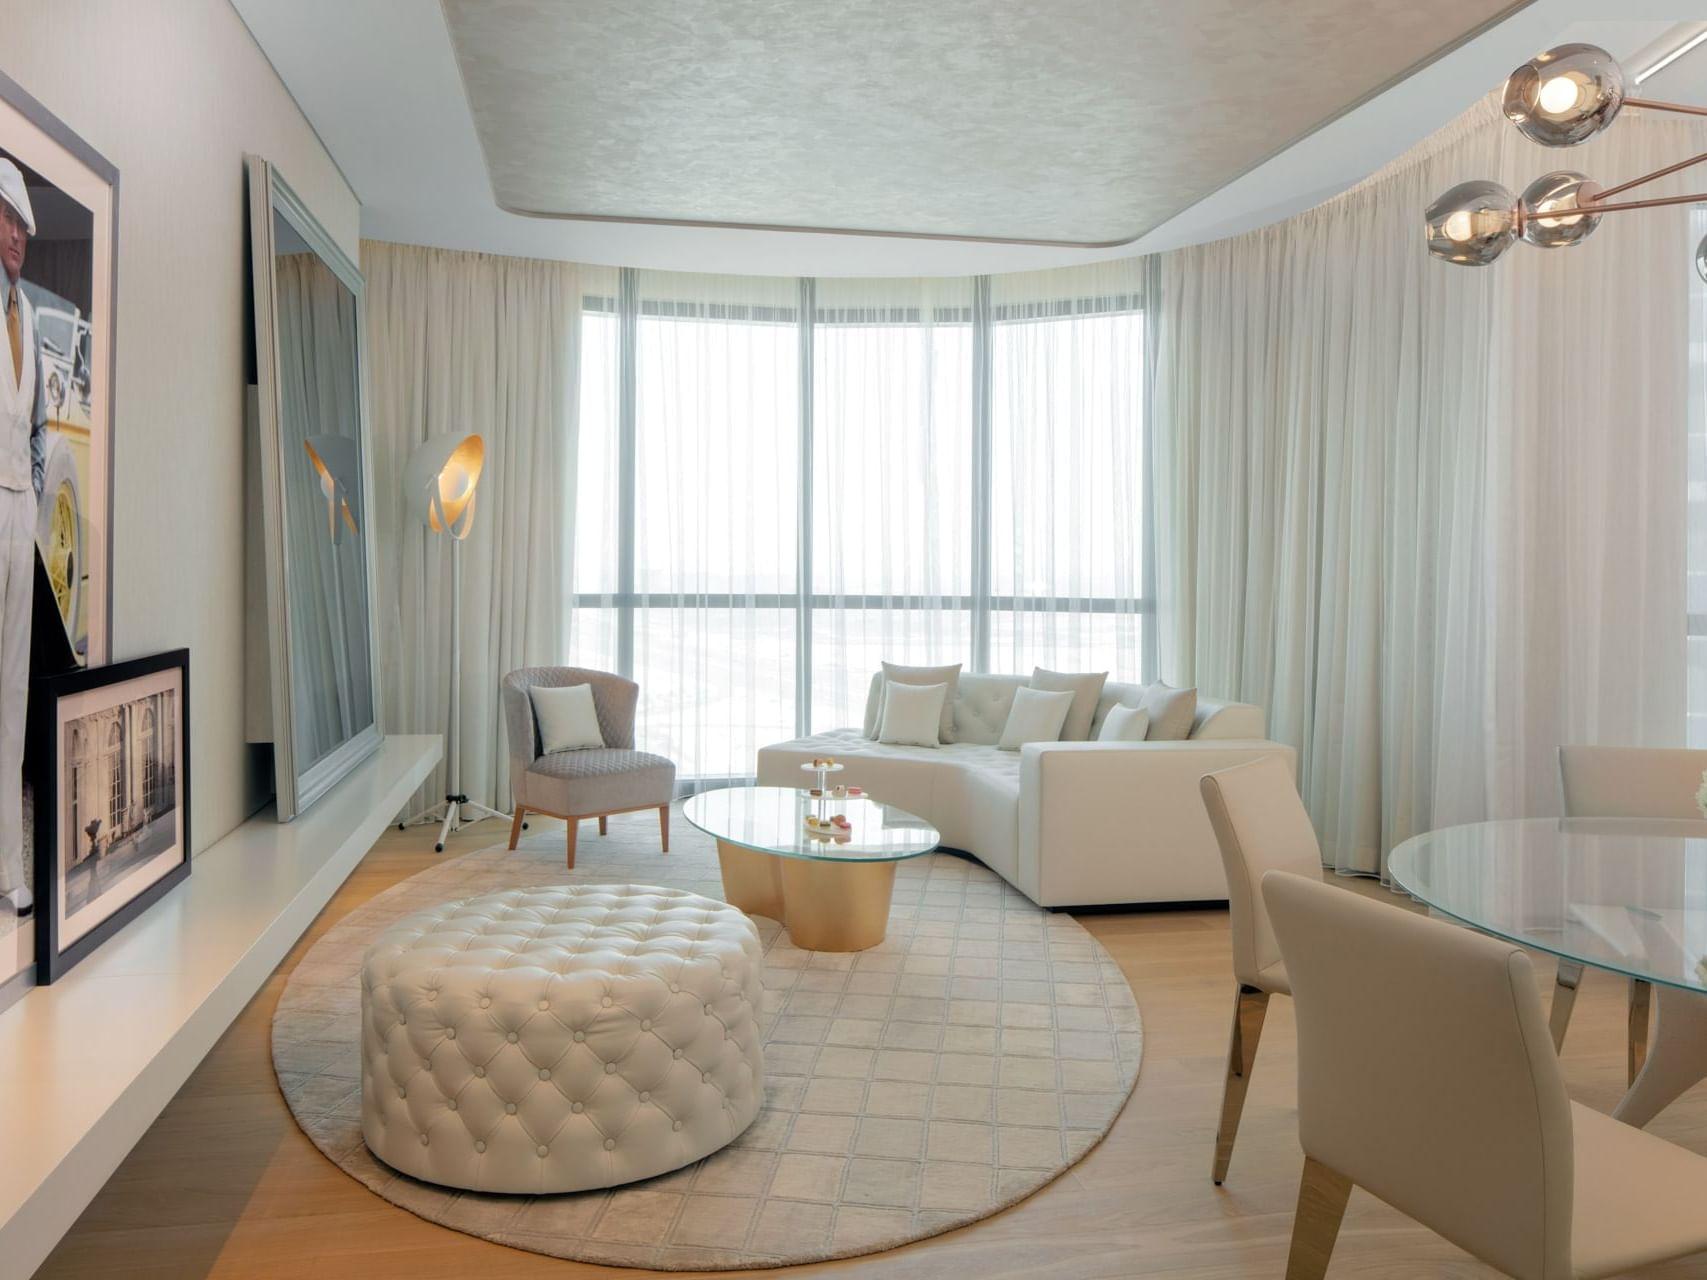 迪拜派拉蒙酒店查尔斯顿套房